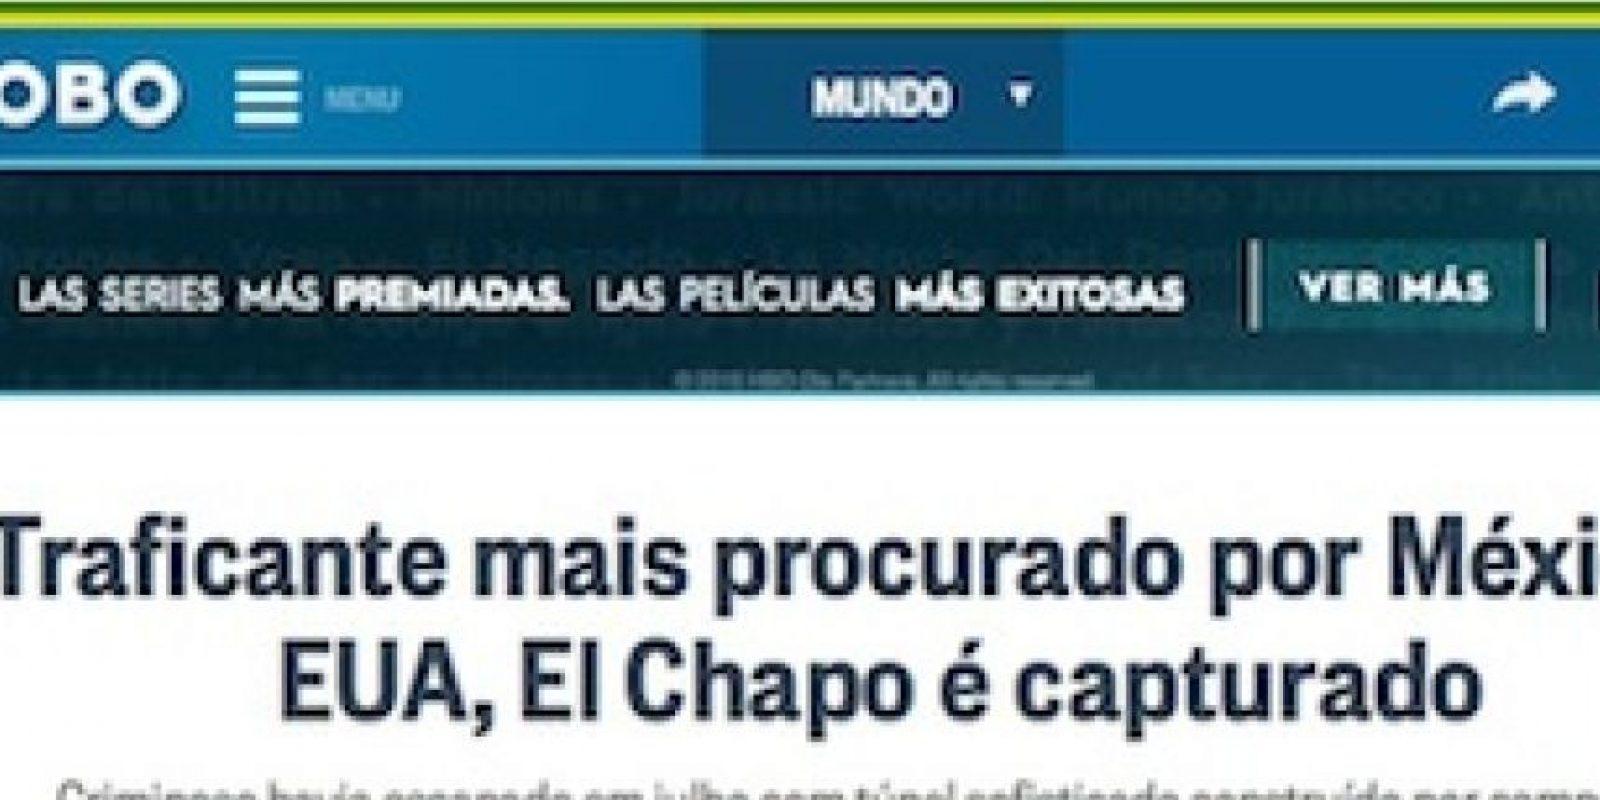 Foto:O Globo